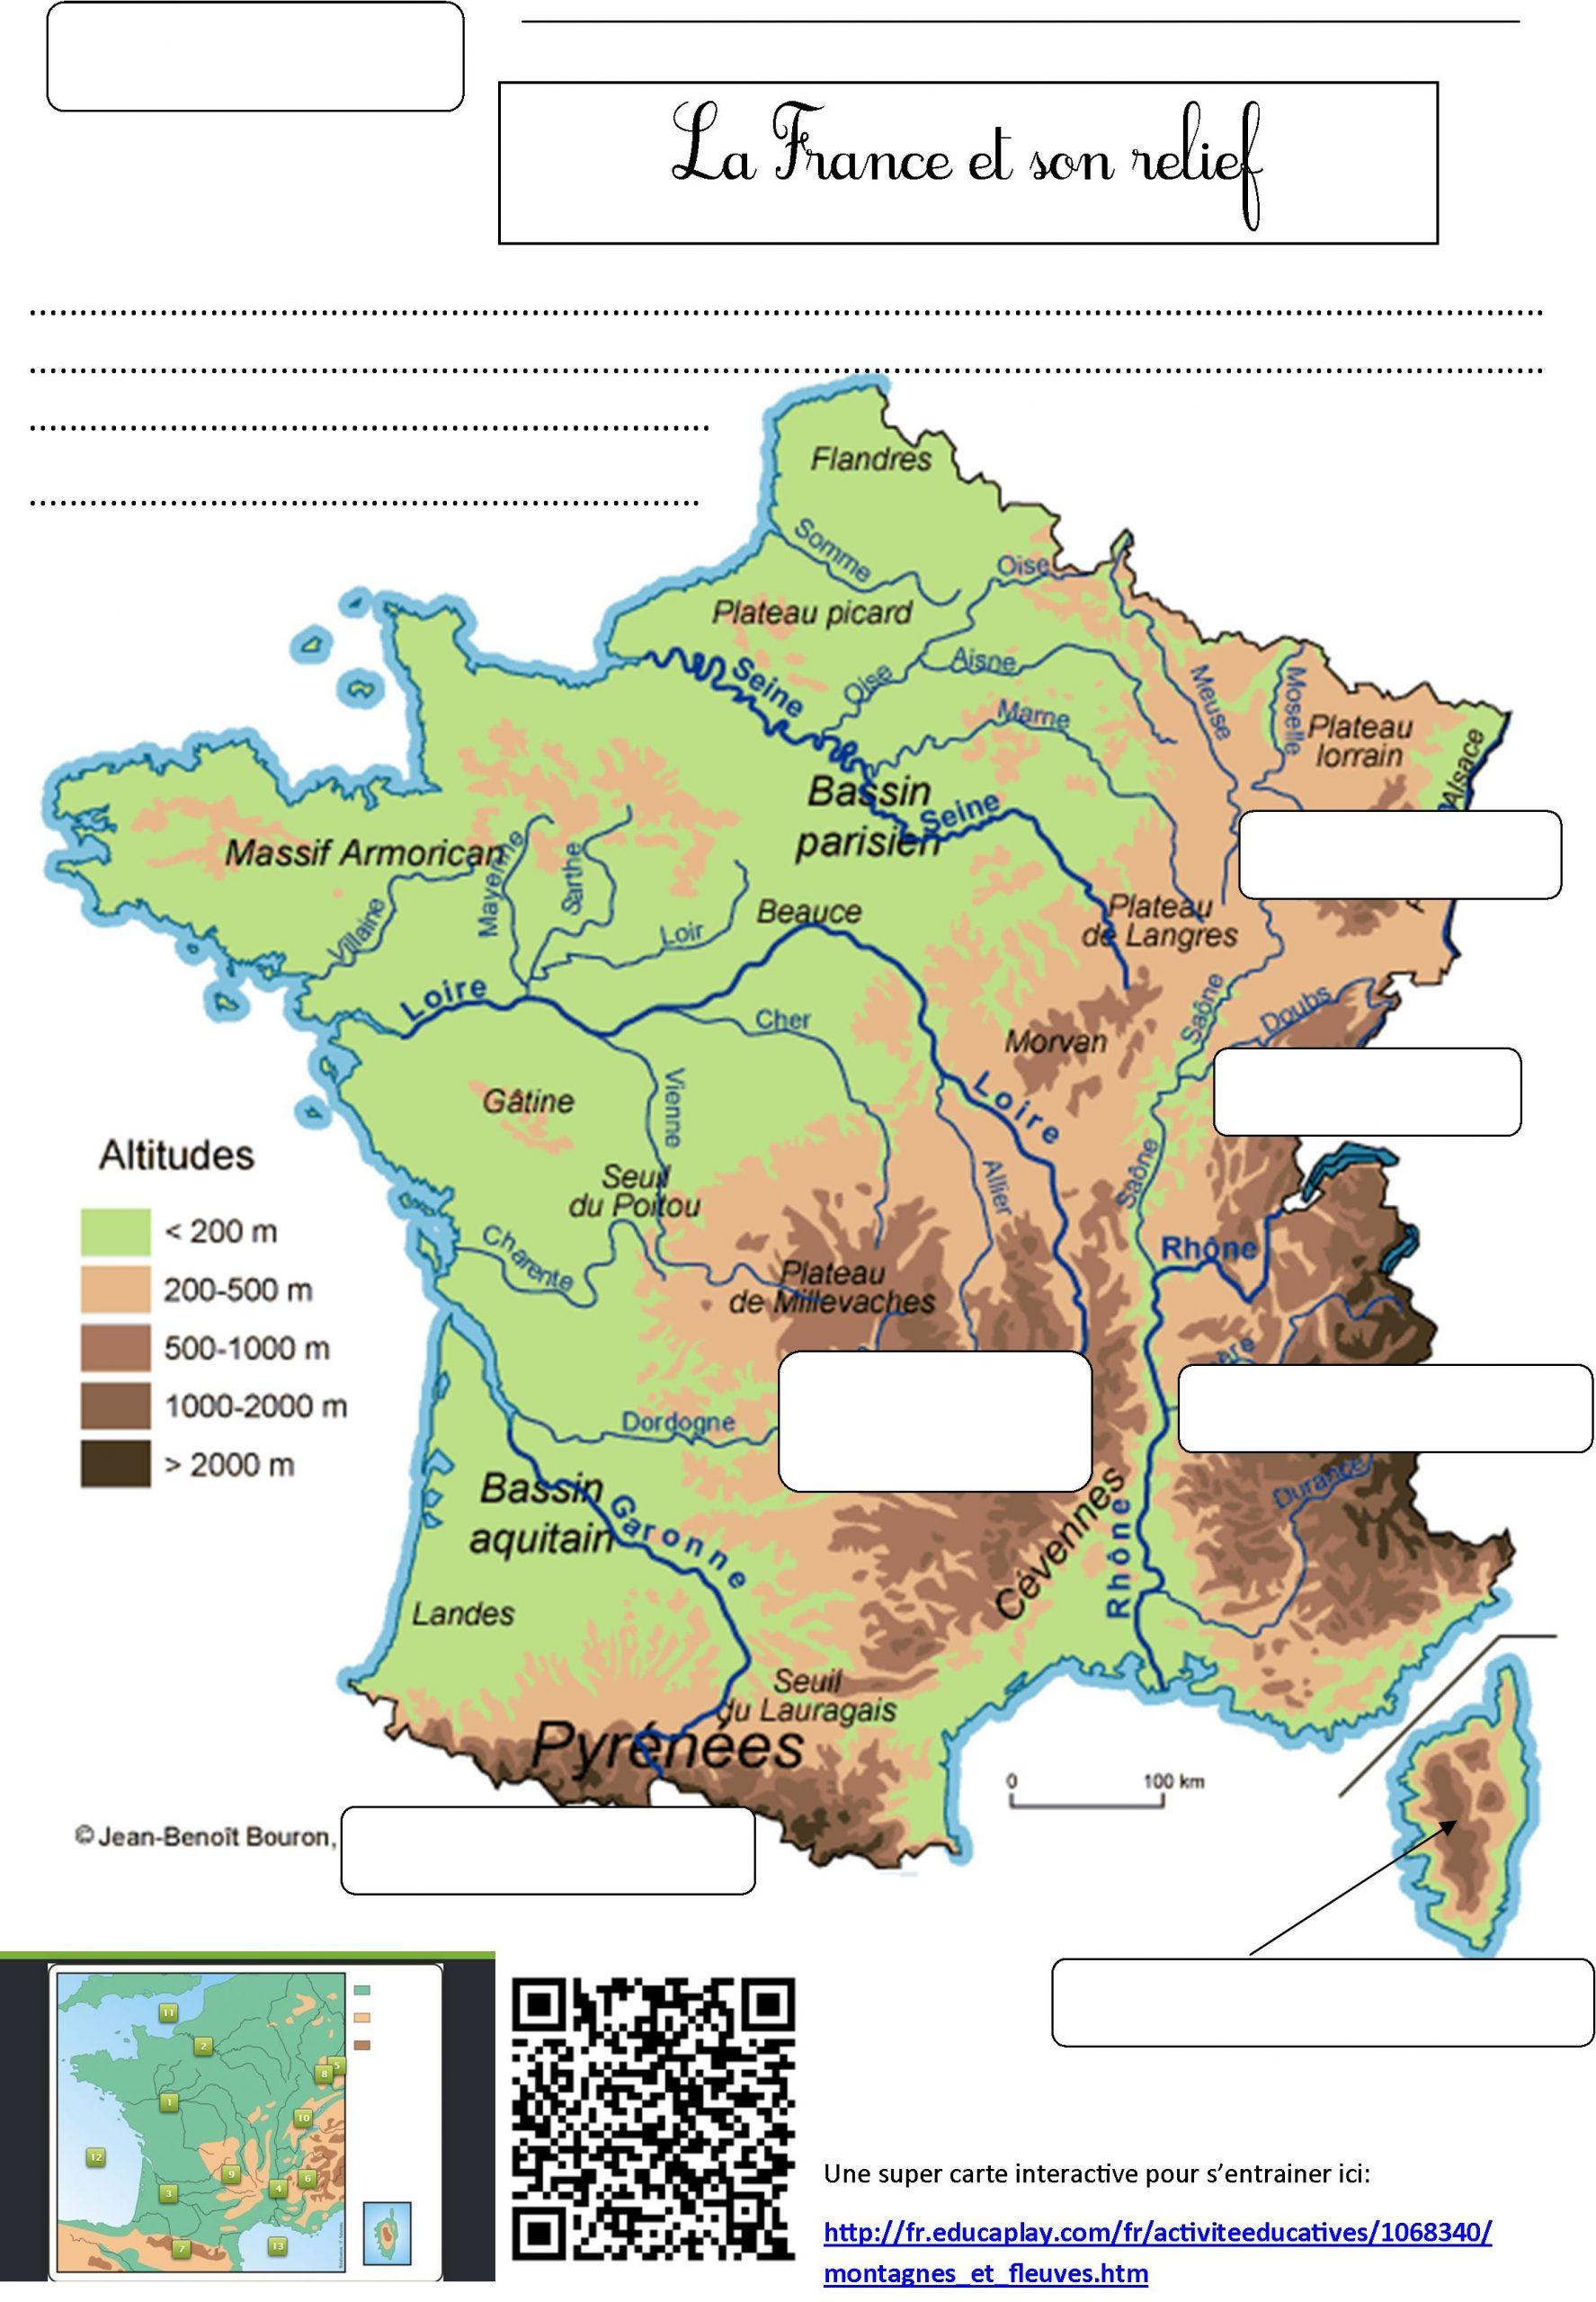 Fleuves De France | Le Blog De Monsieur Mathieu intérieur Carte De France Avec Les Fleuves